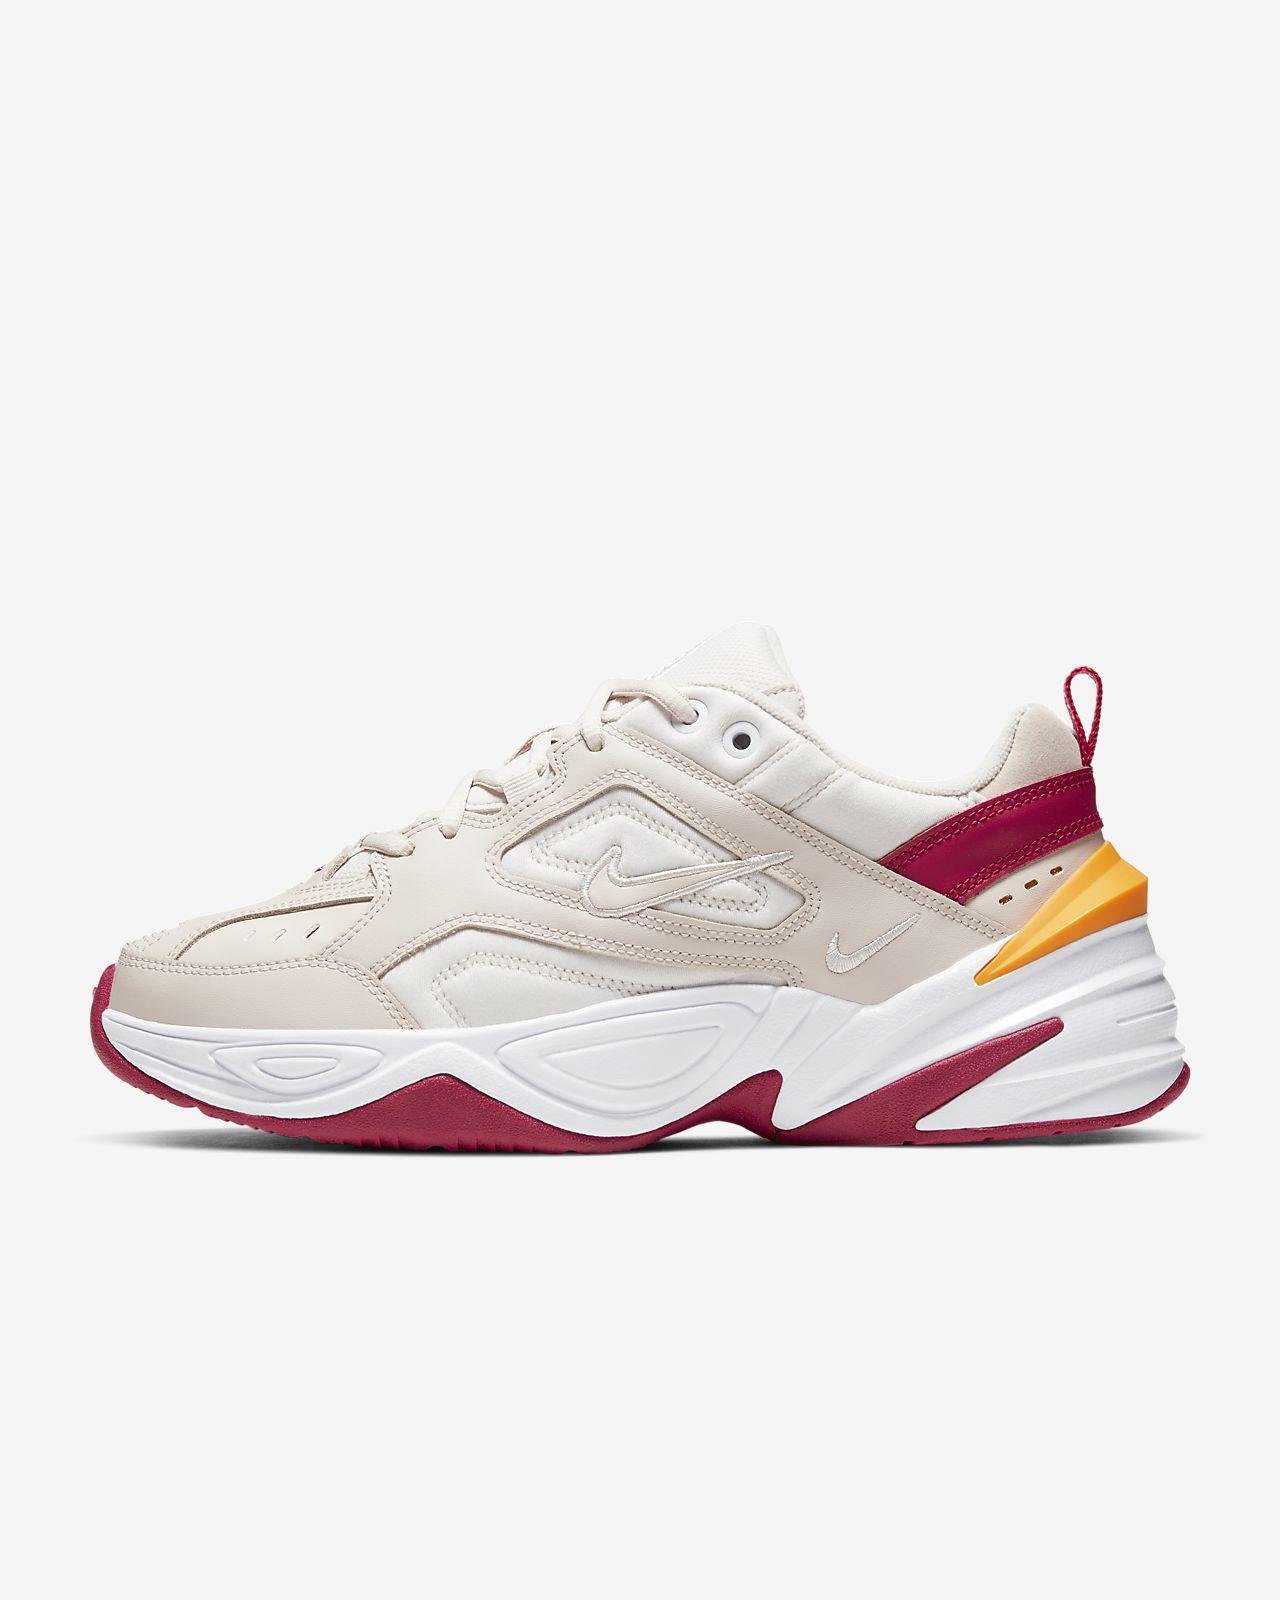 Nike томск 6